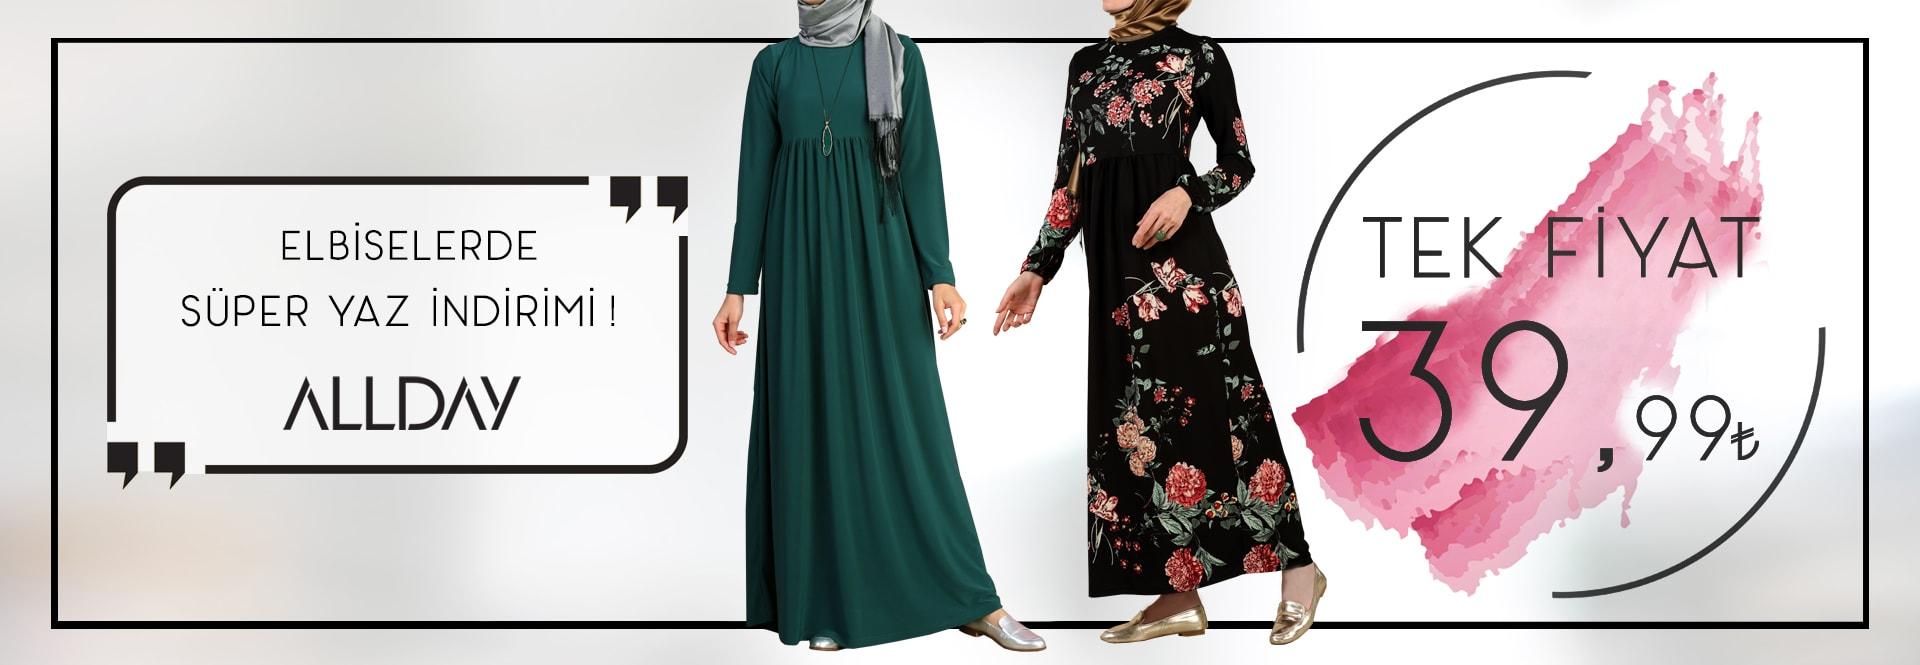 Tek Fiyat Tesettür Elbise